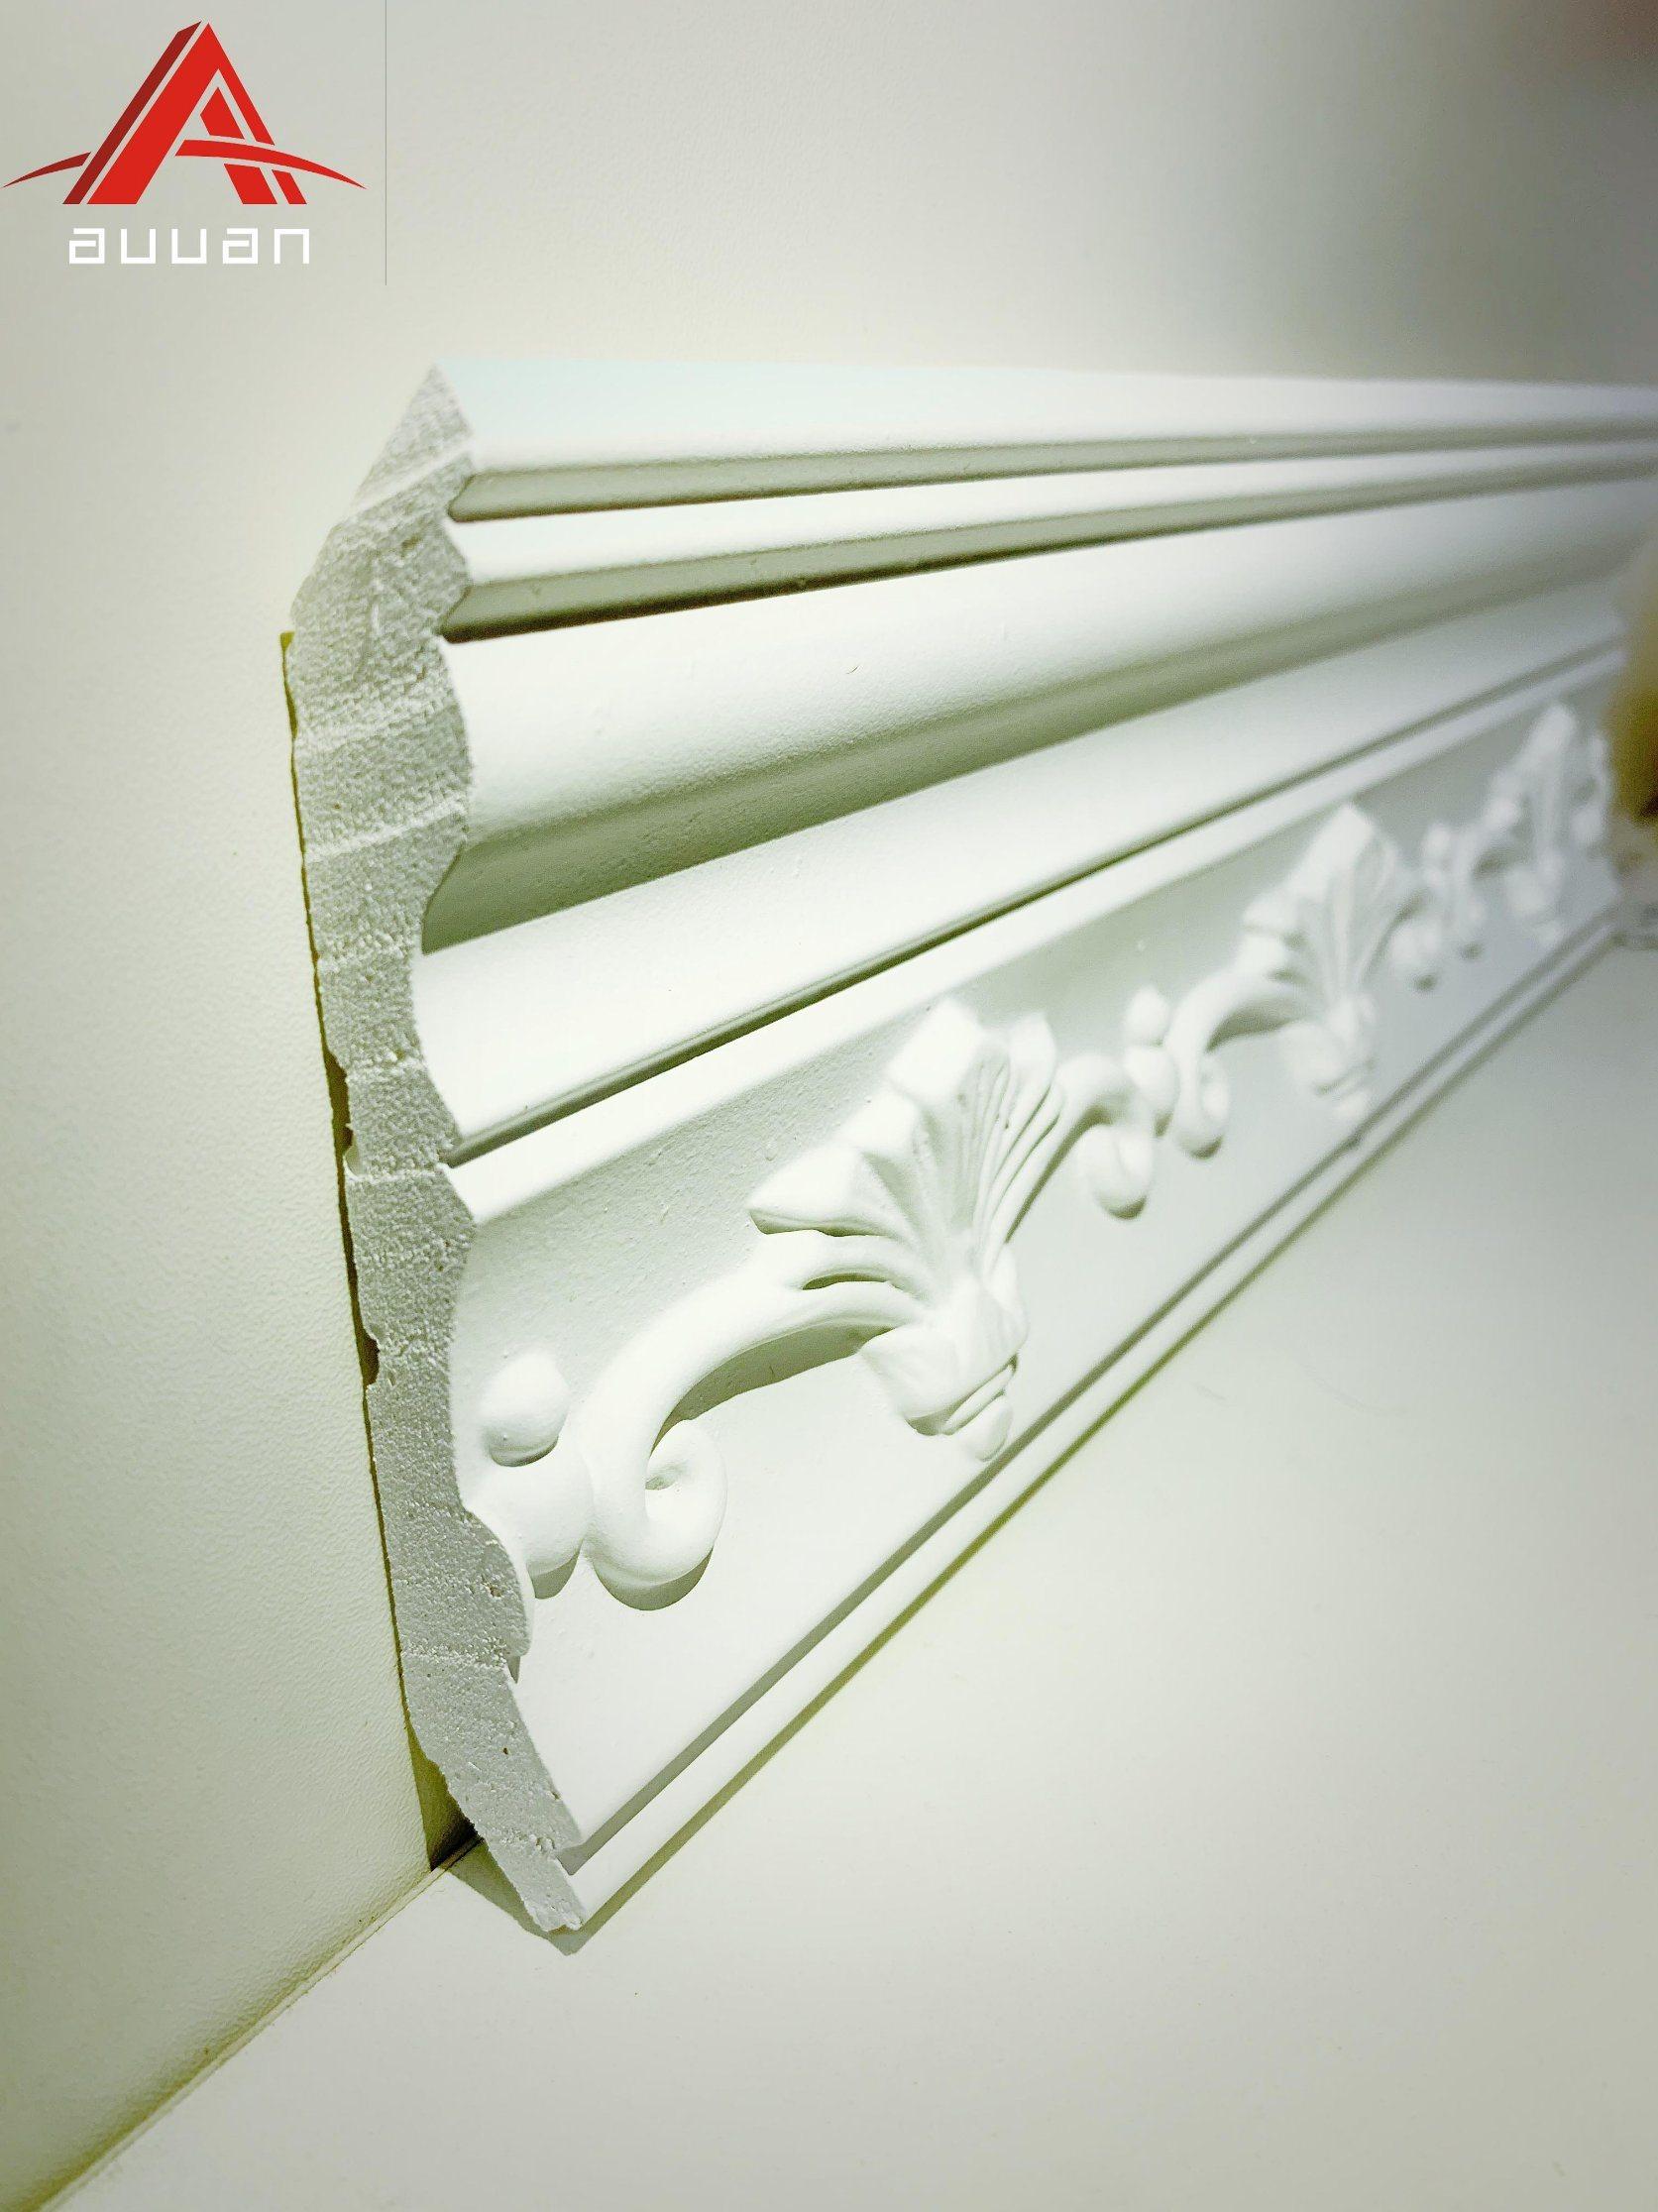 China 81027 Guangzhou Polyurethane Pop Design Foam Cornice Moulding